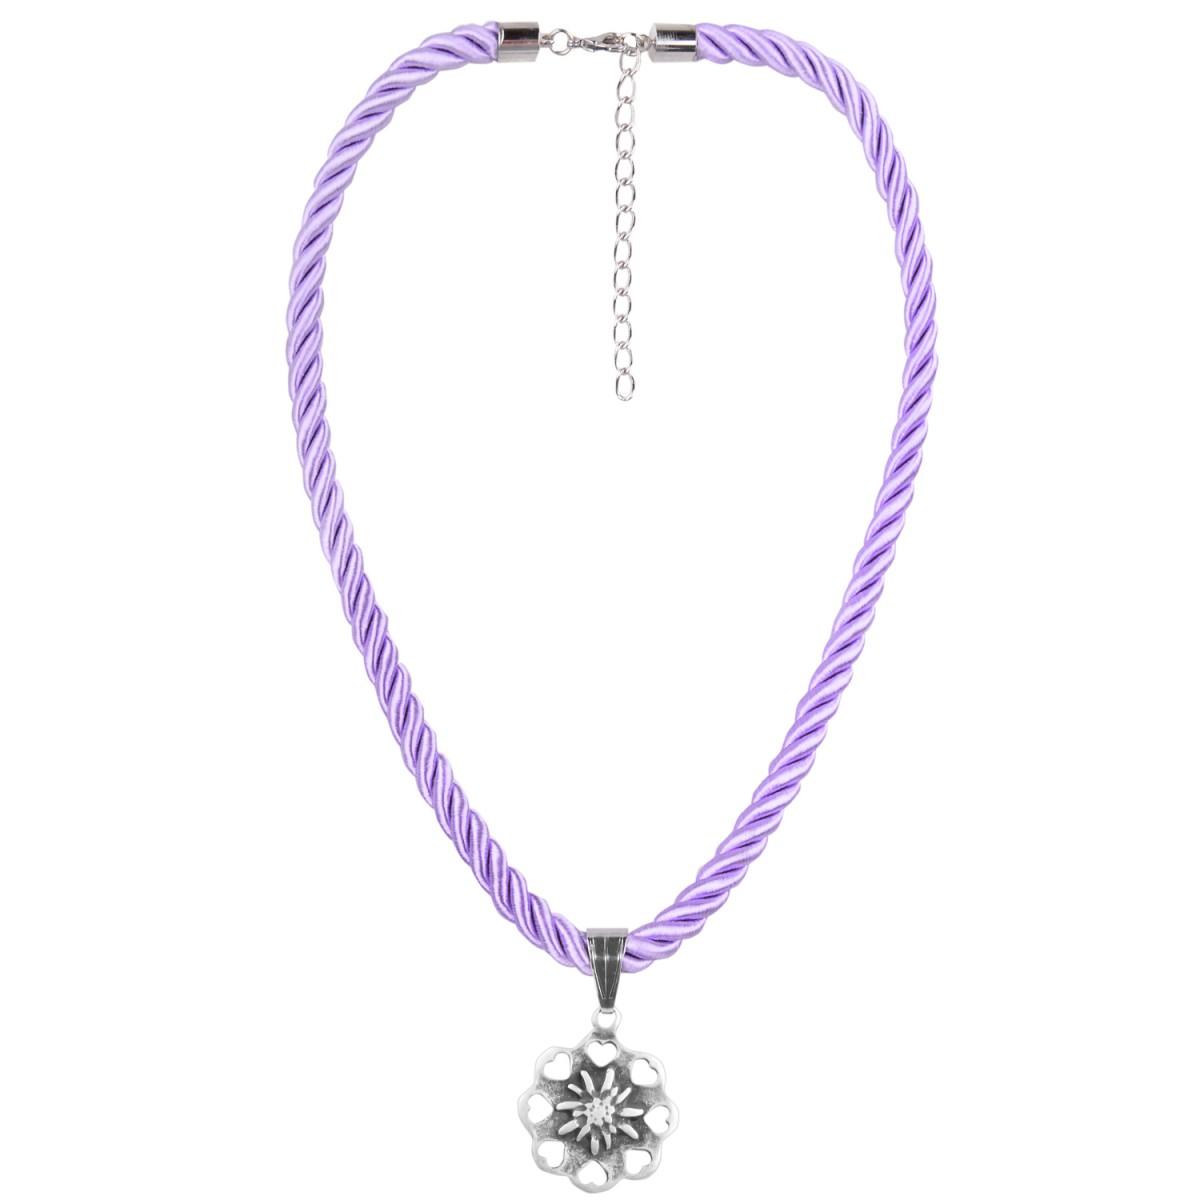 Halskette mit Edelweißanhänger in Lila von Schlick Accessoires günstig online kaufen